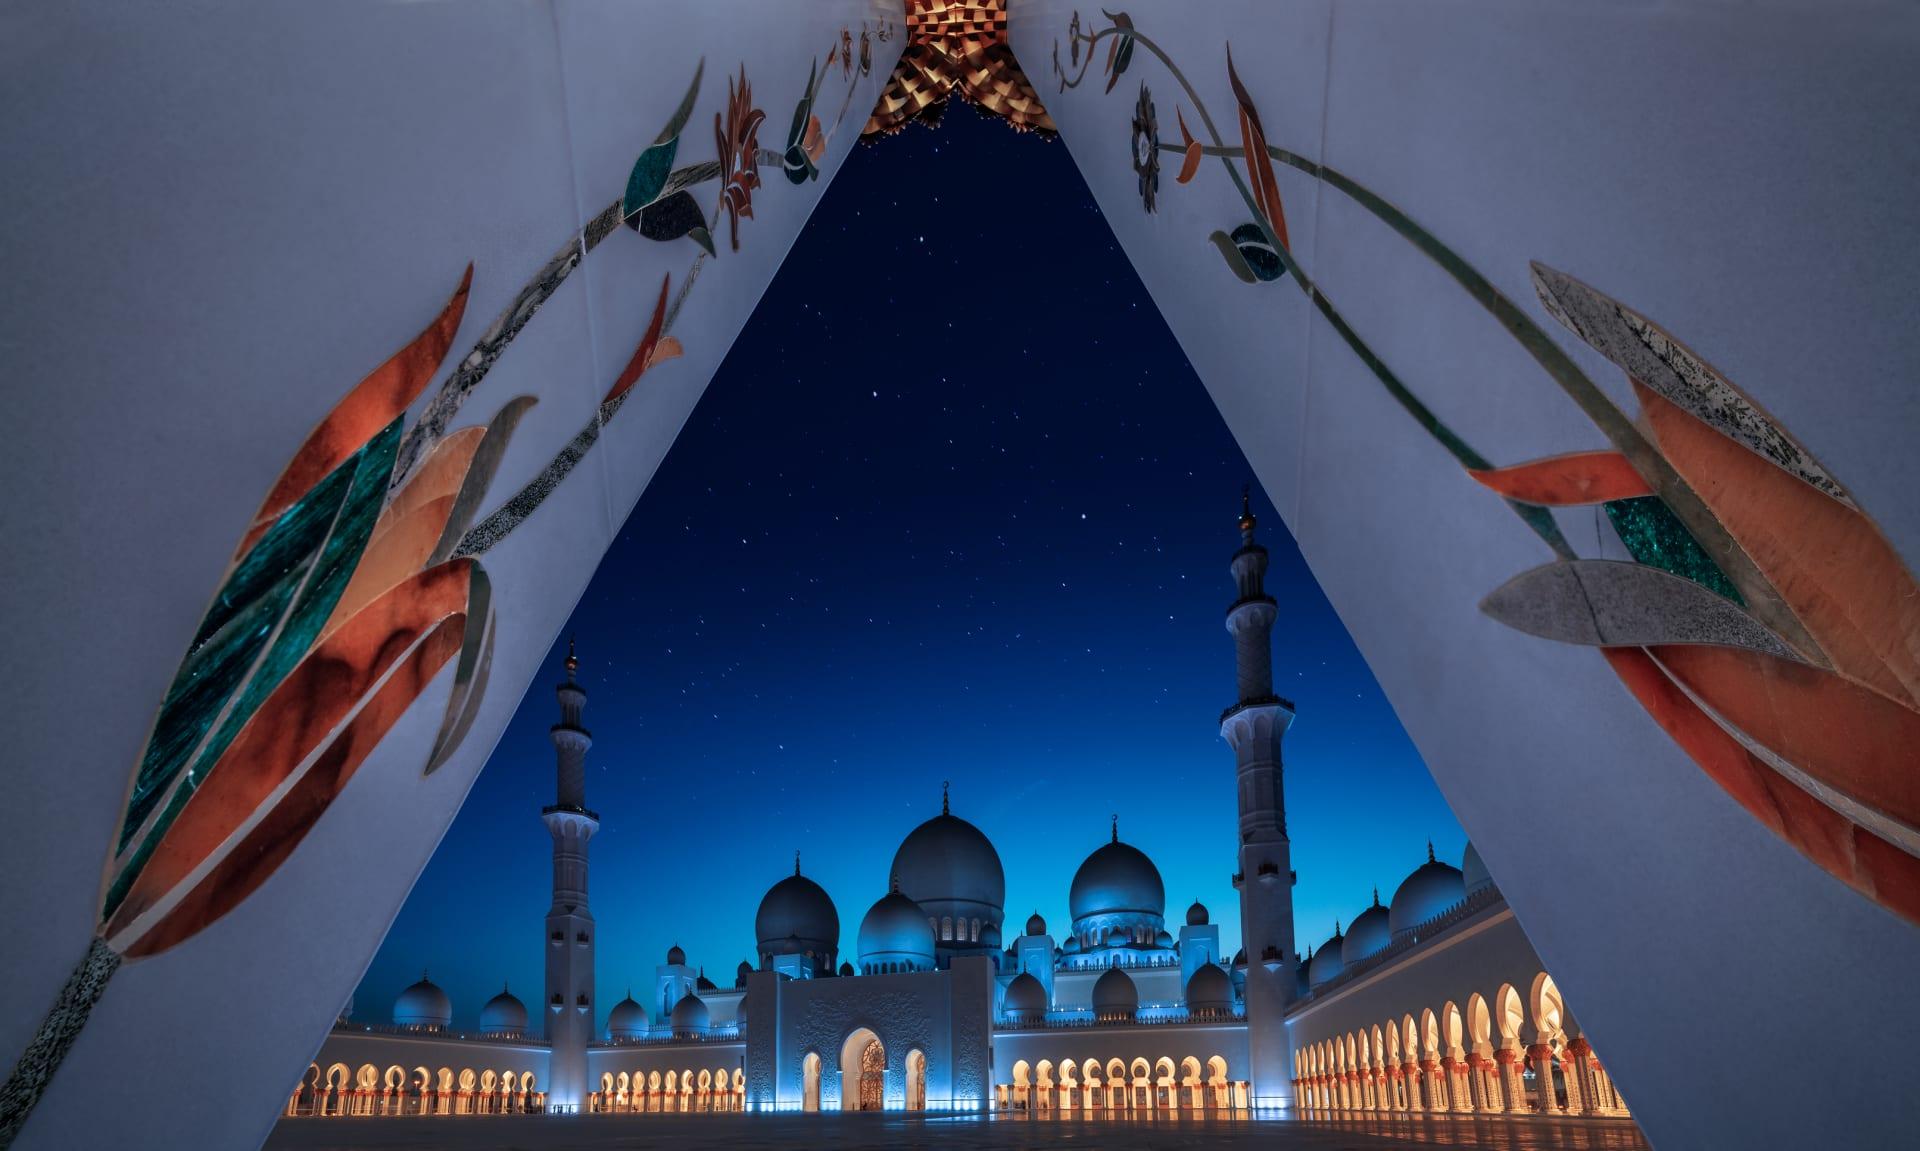 جامع الشيخ زايد الكبير في أبوظبي